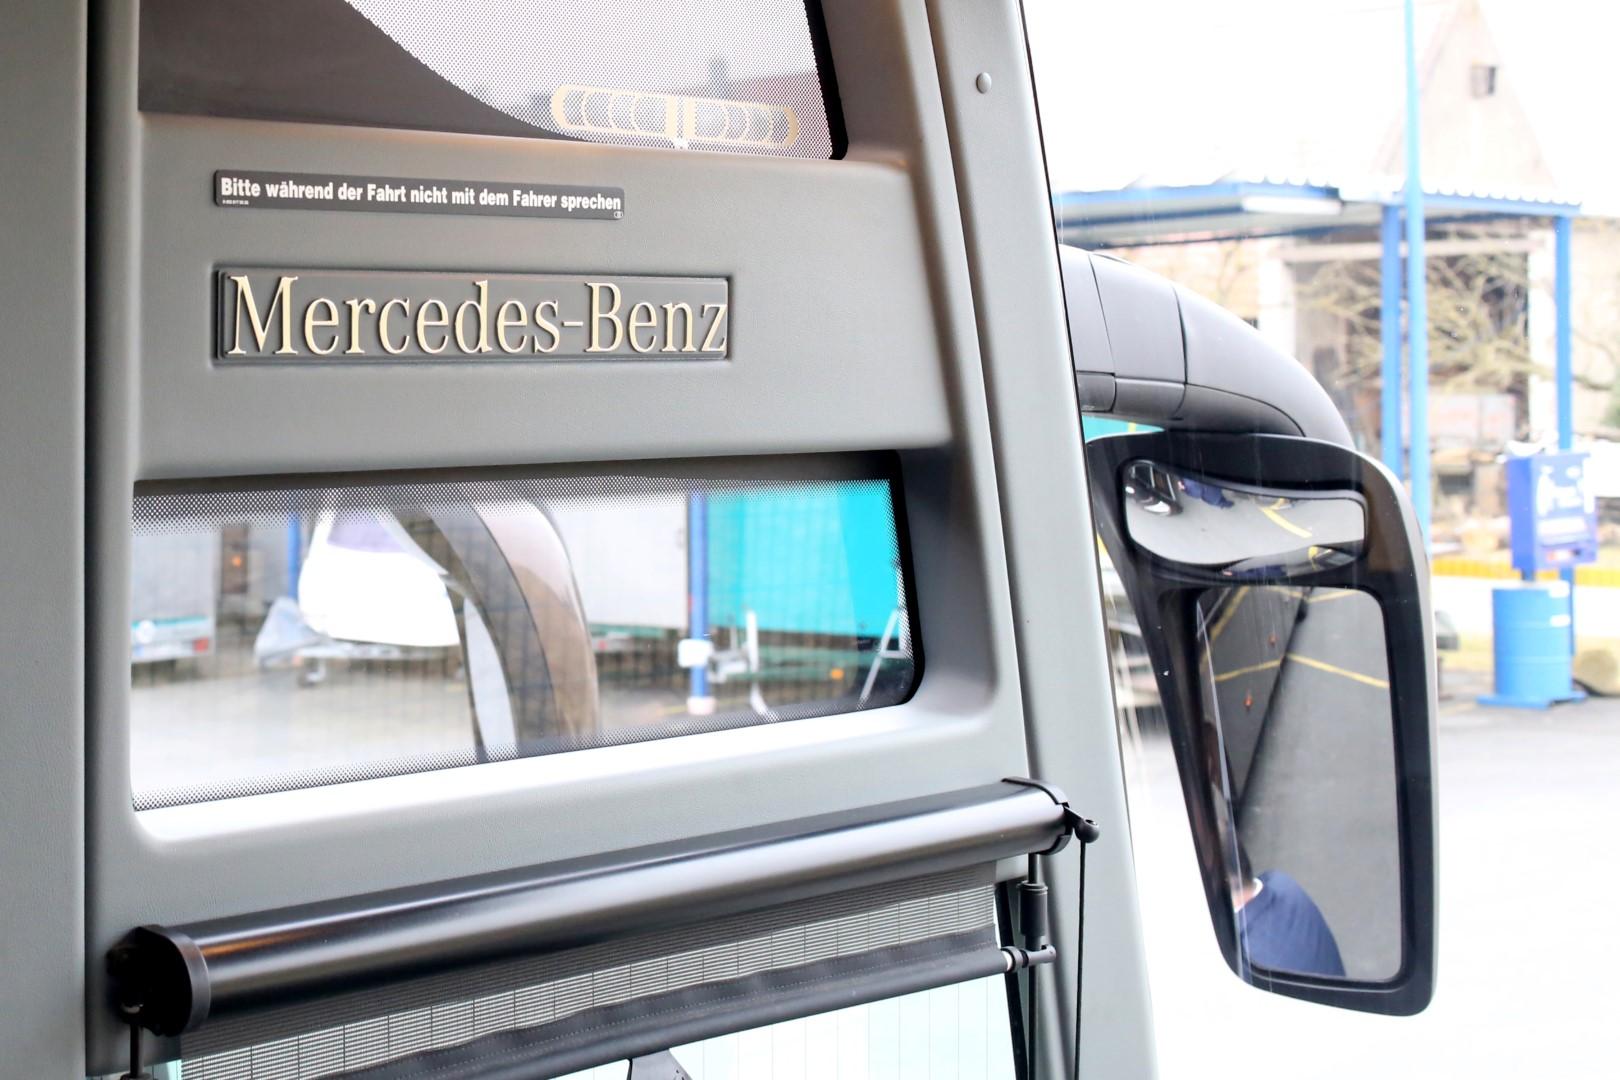 Royal Busreisen   Kürbisstr. 71, 65428 Rüsselsheim   Royal Busreisen   Kürbisstr. 71, 65428 Rüsselsheim   Tourismo NEU (2) (Large)